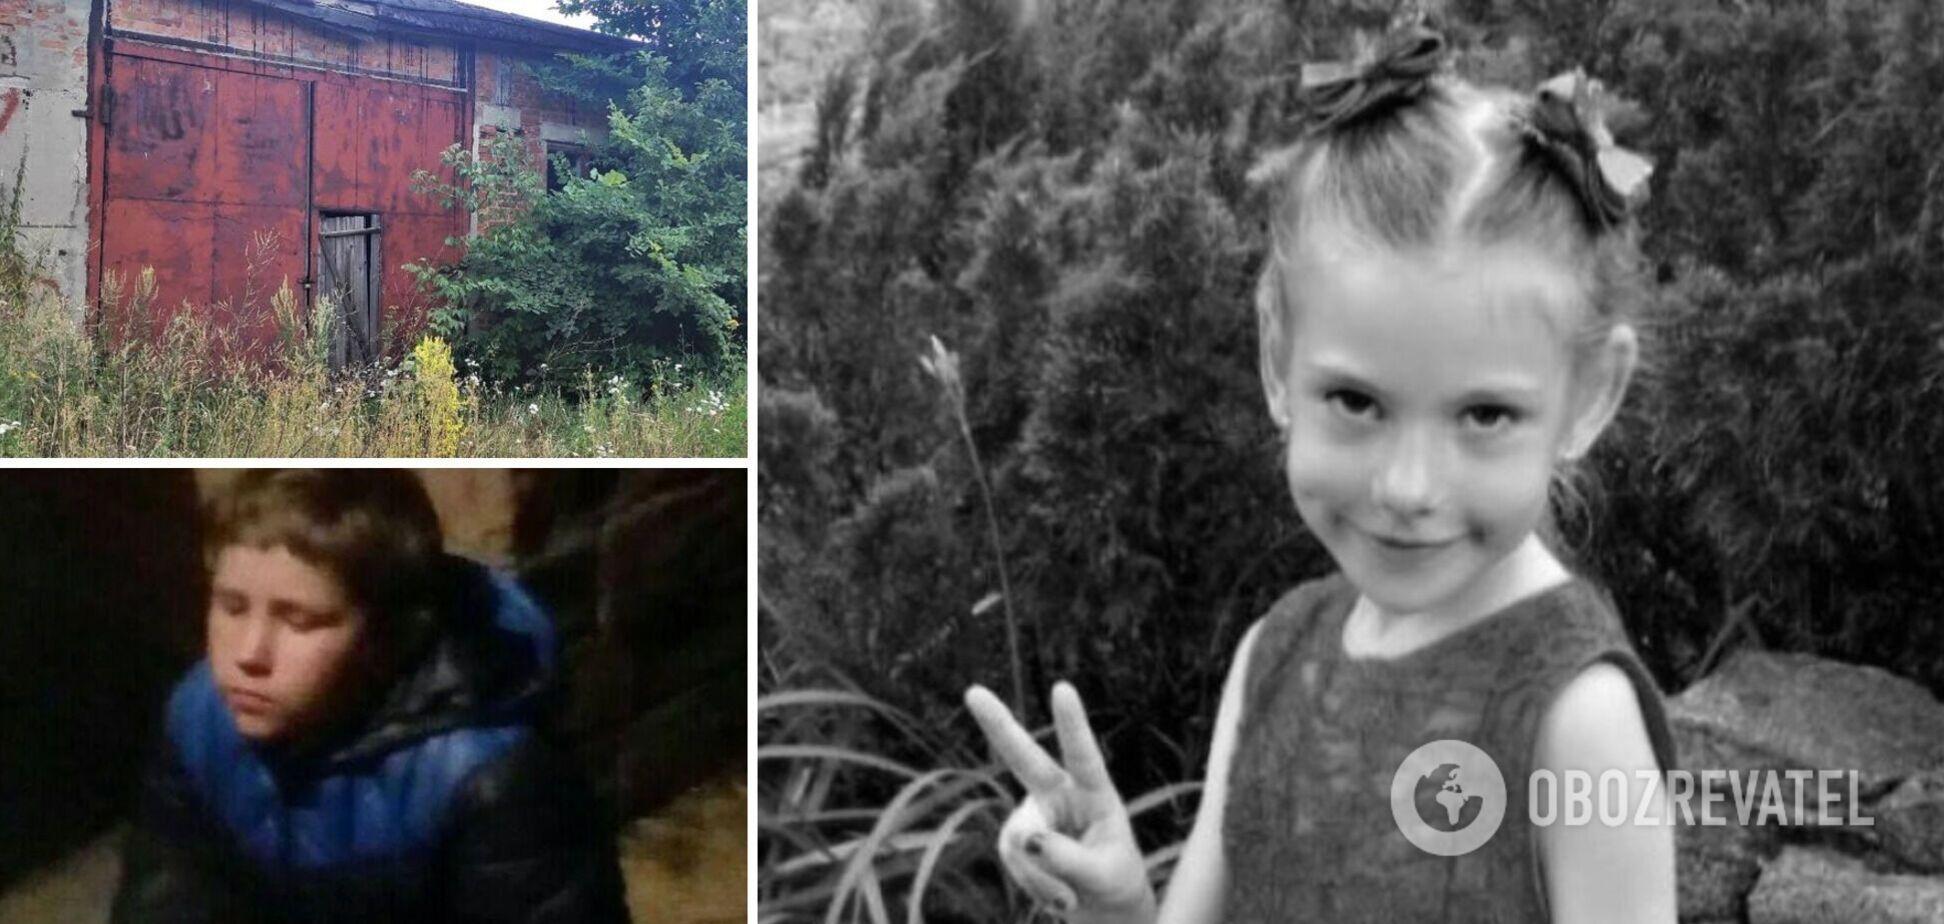 Подросток сознался в убийстве 6-летней девочки на Харьковщине: выяснились новые детали трагедии